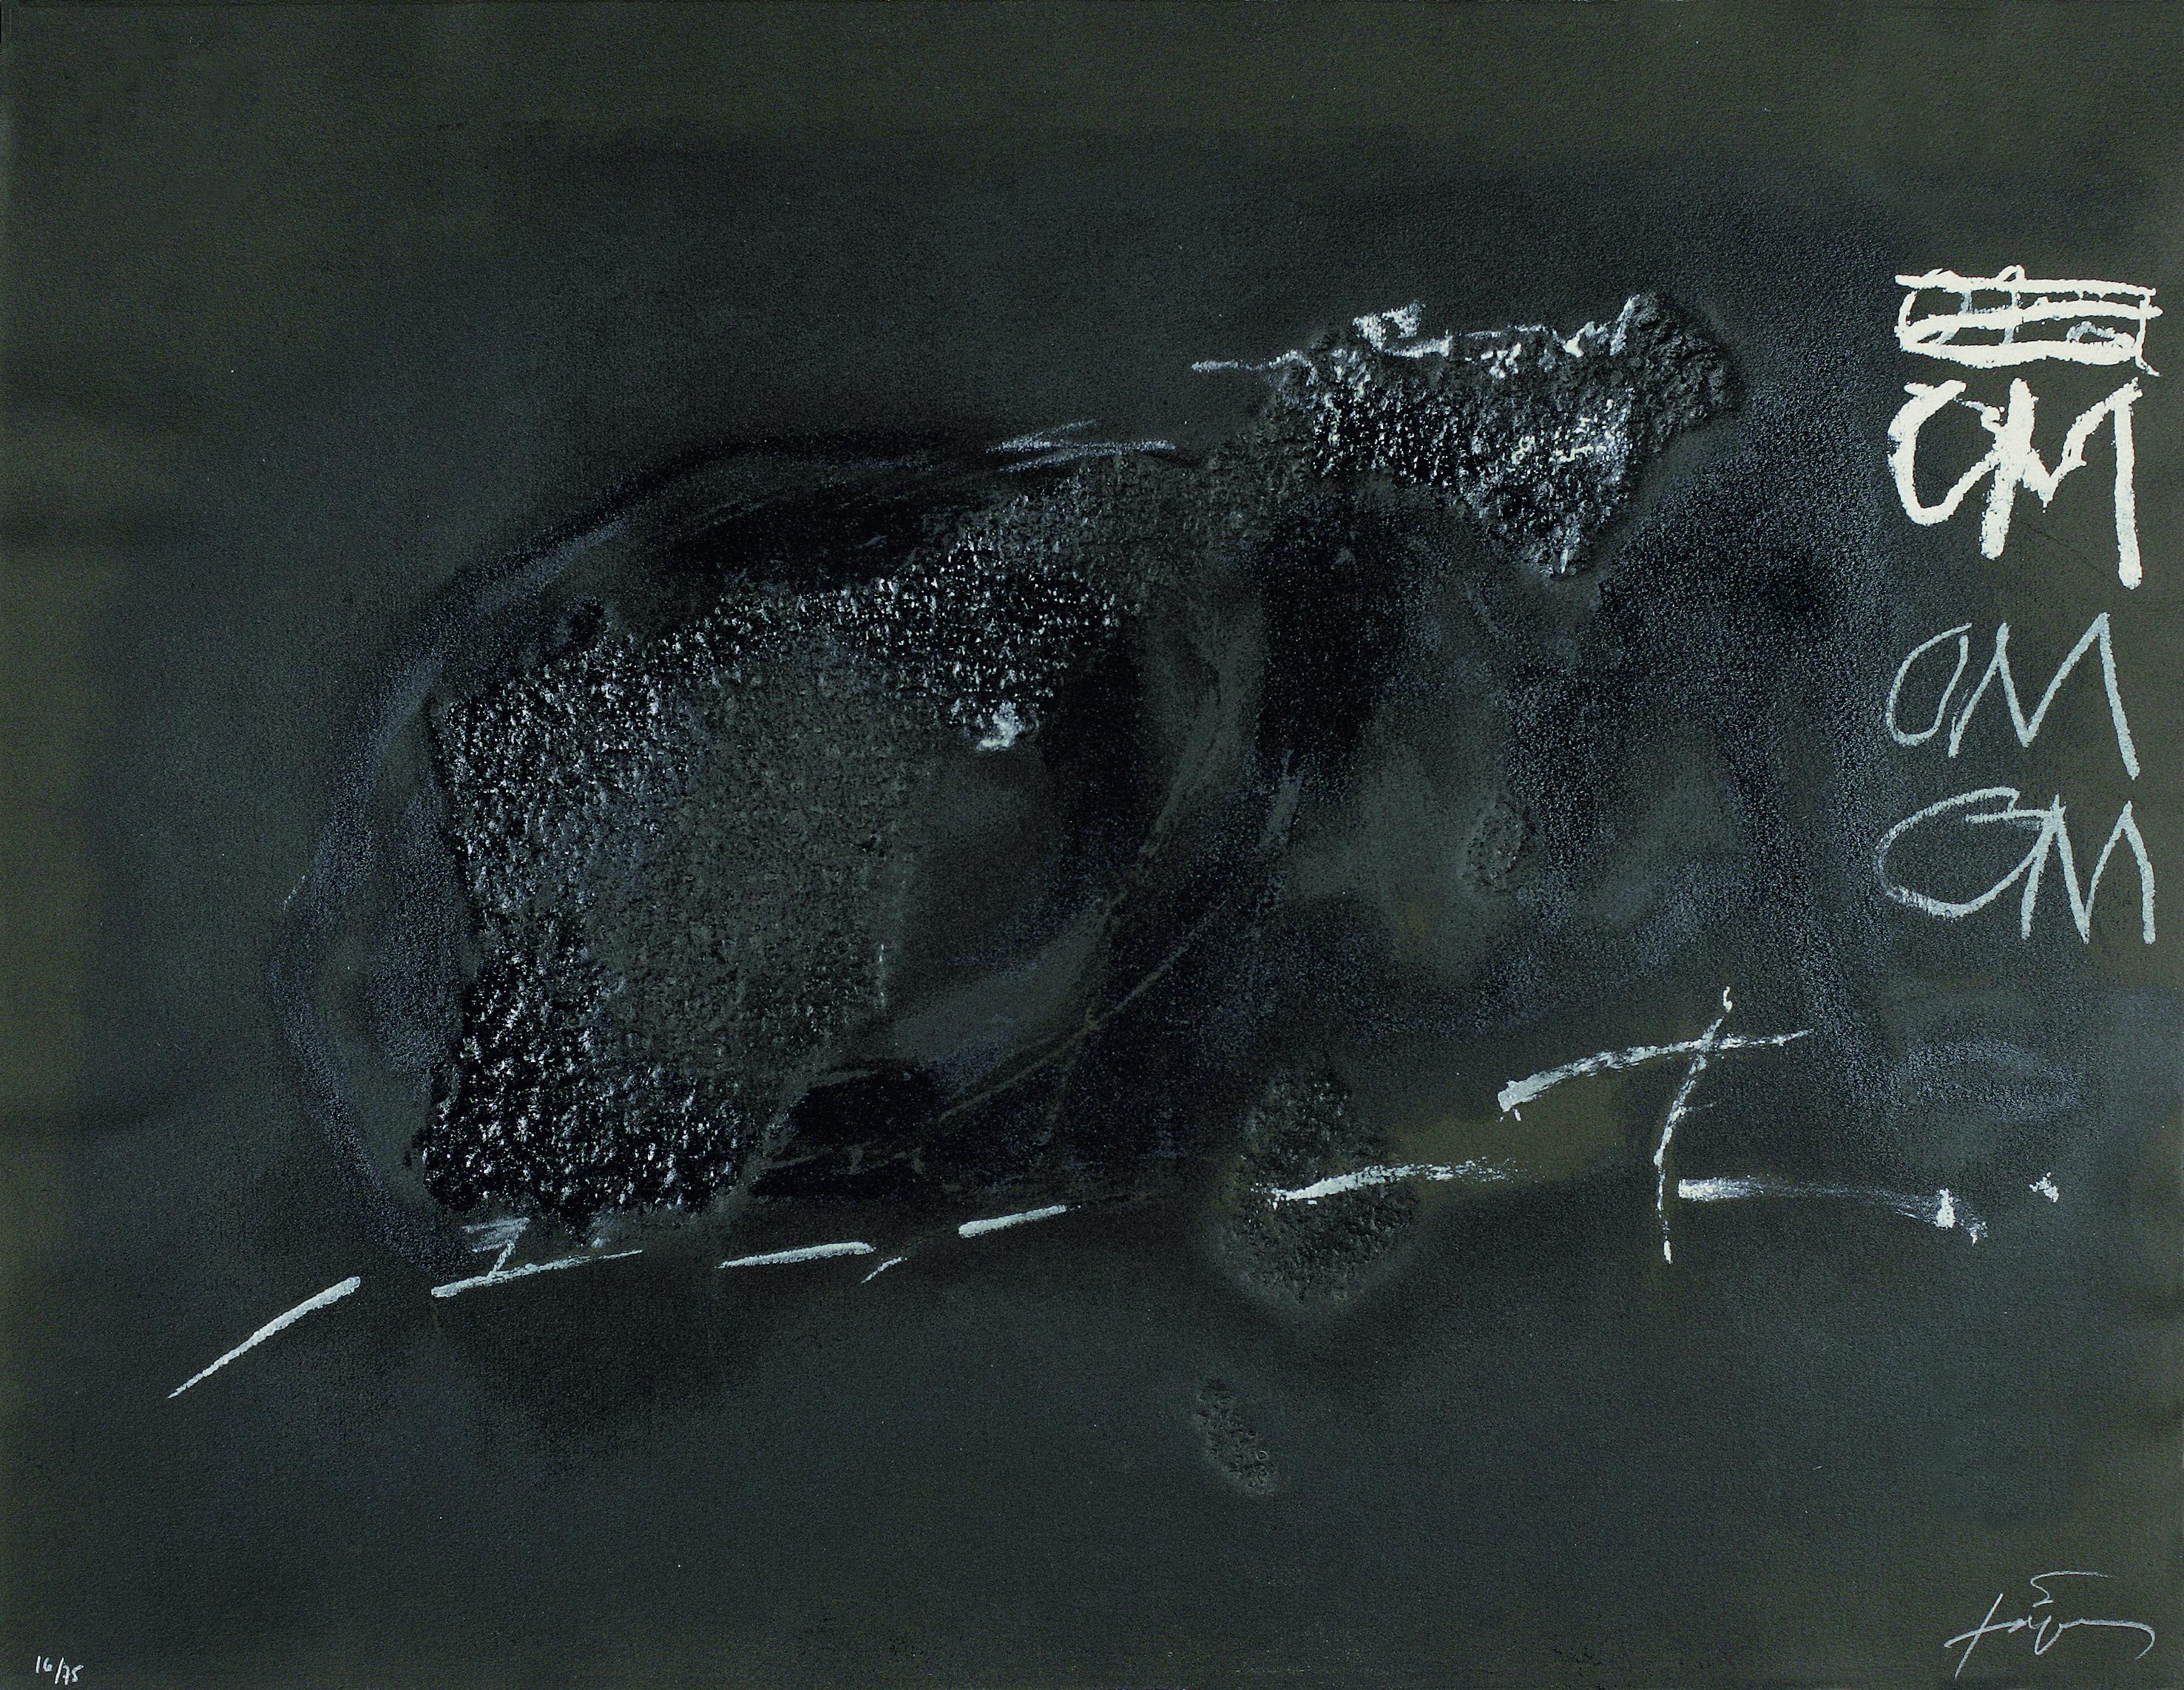 Antoni Tapies - variations sur un thème musical